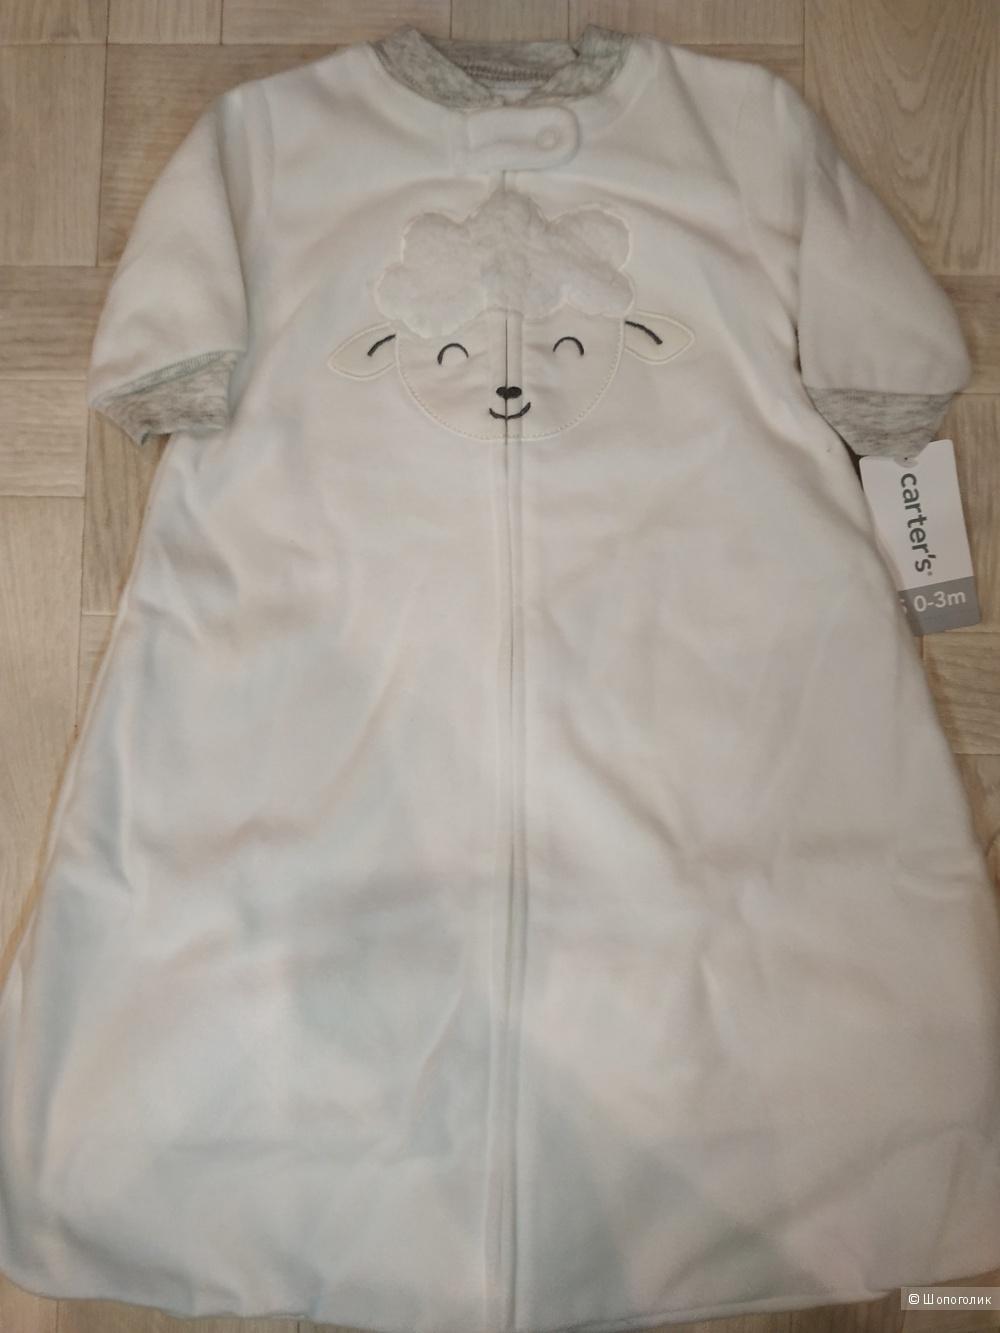 Флисовый мешочек для сна Carter's (нейтральный цвет), размер S